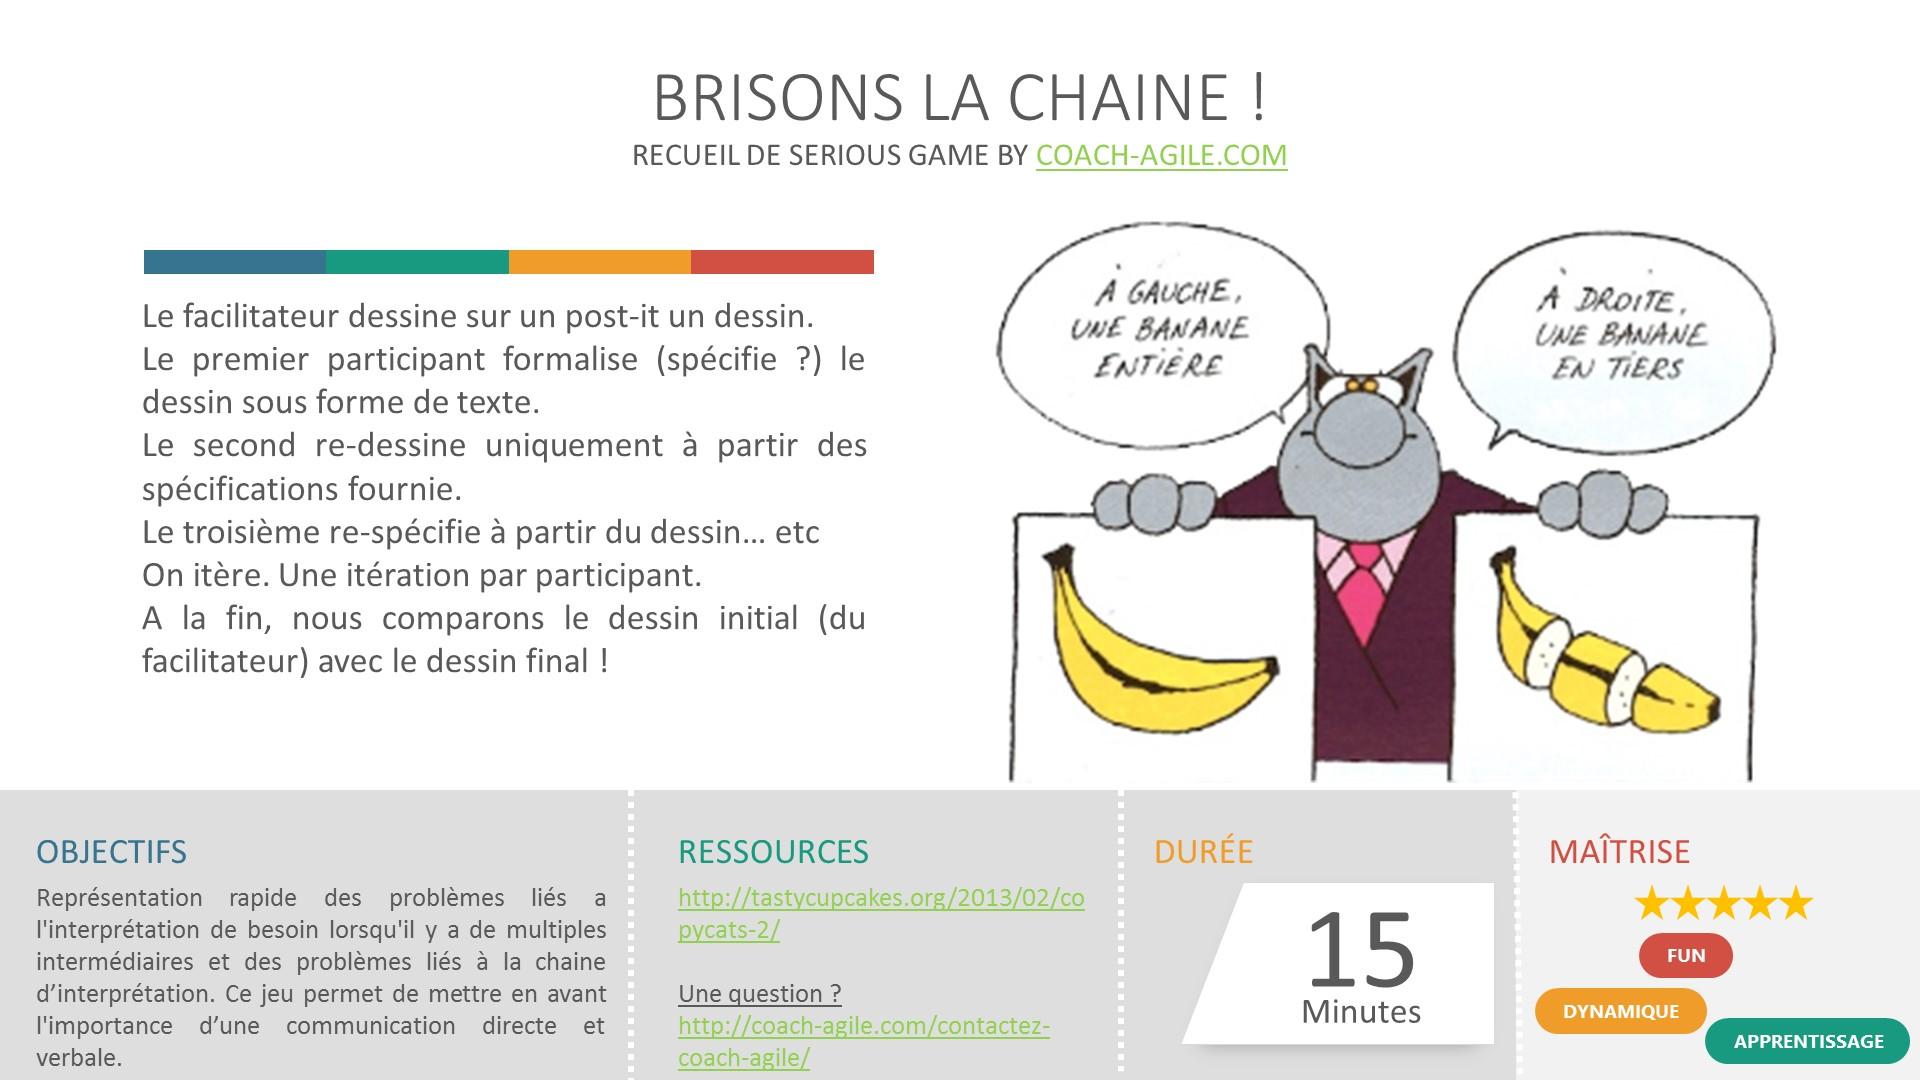 SERIOUS GAME : BRISONS LA CHAINE